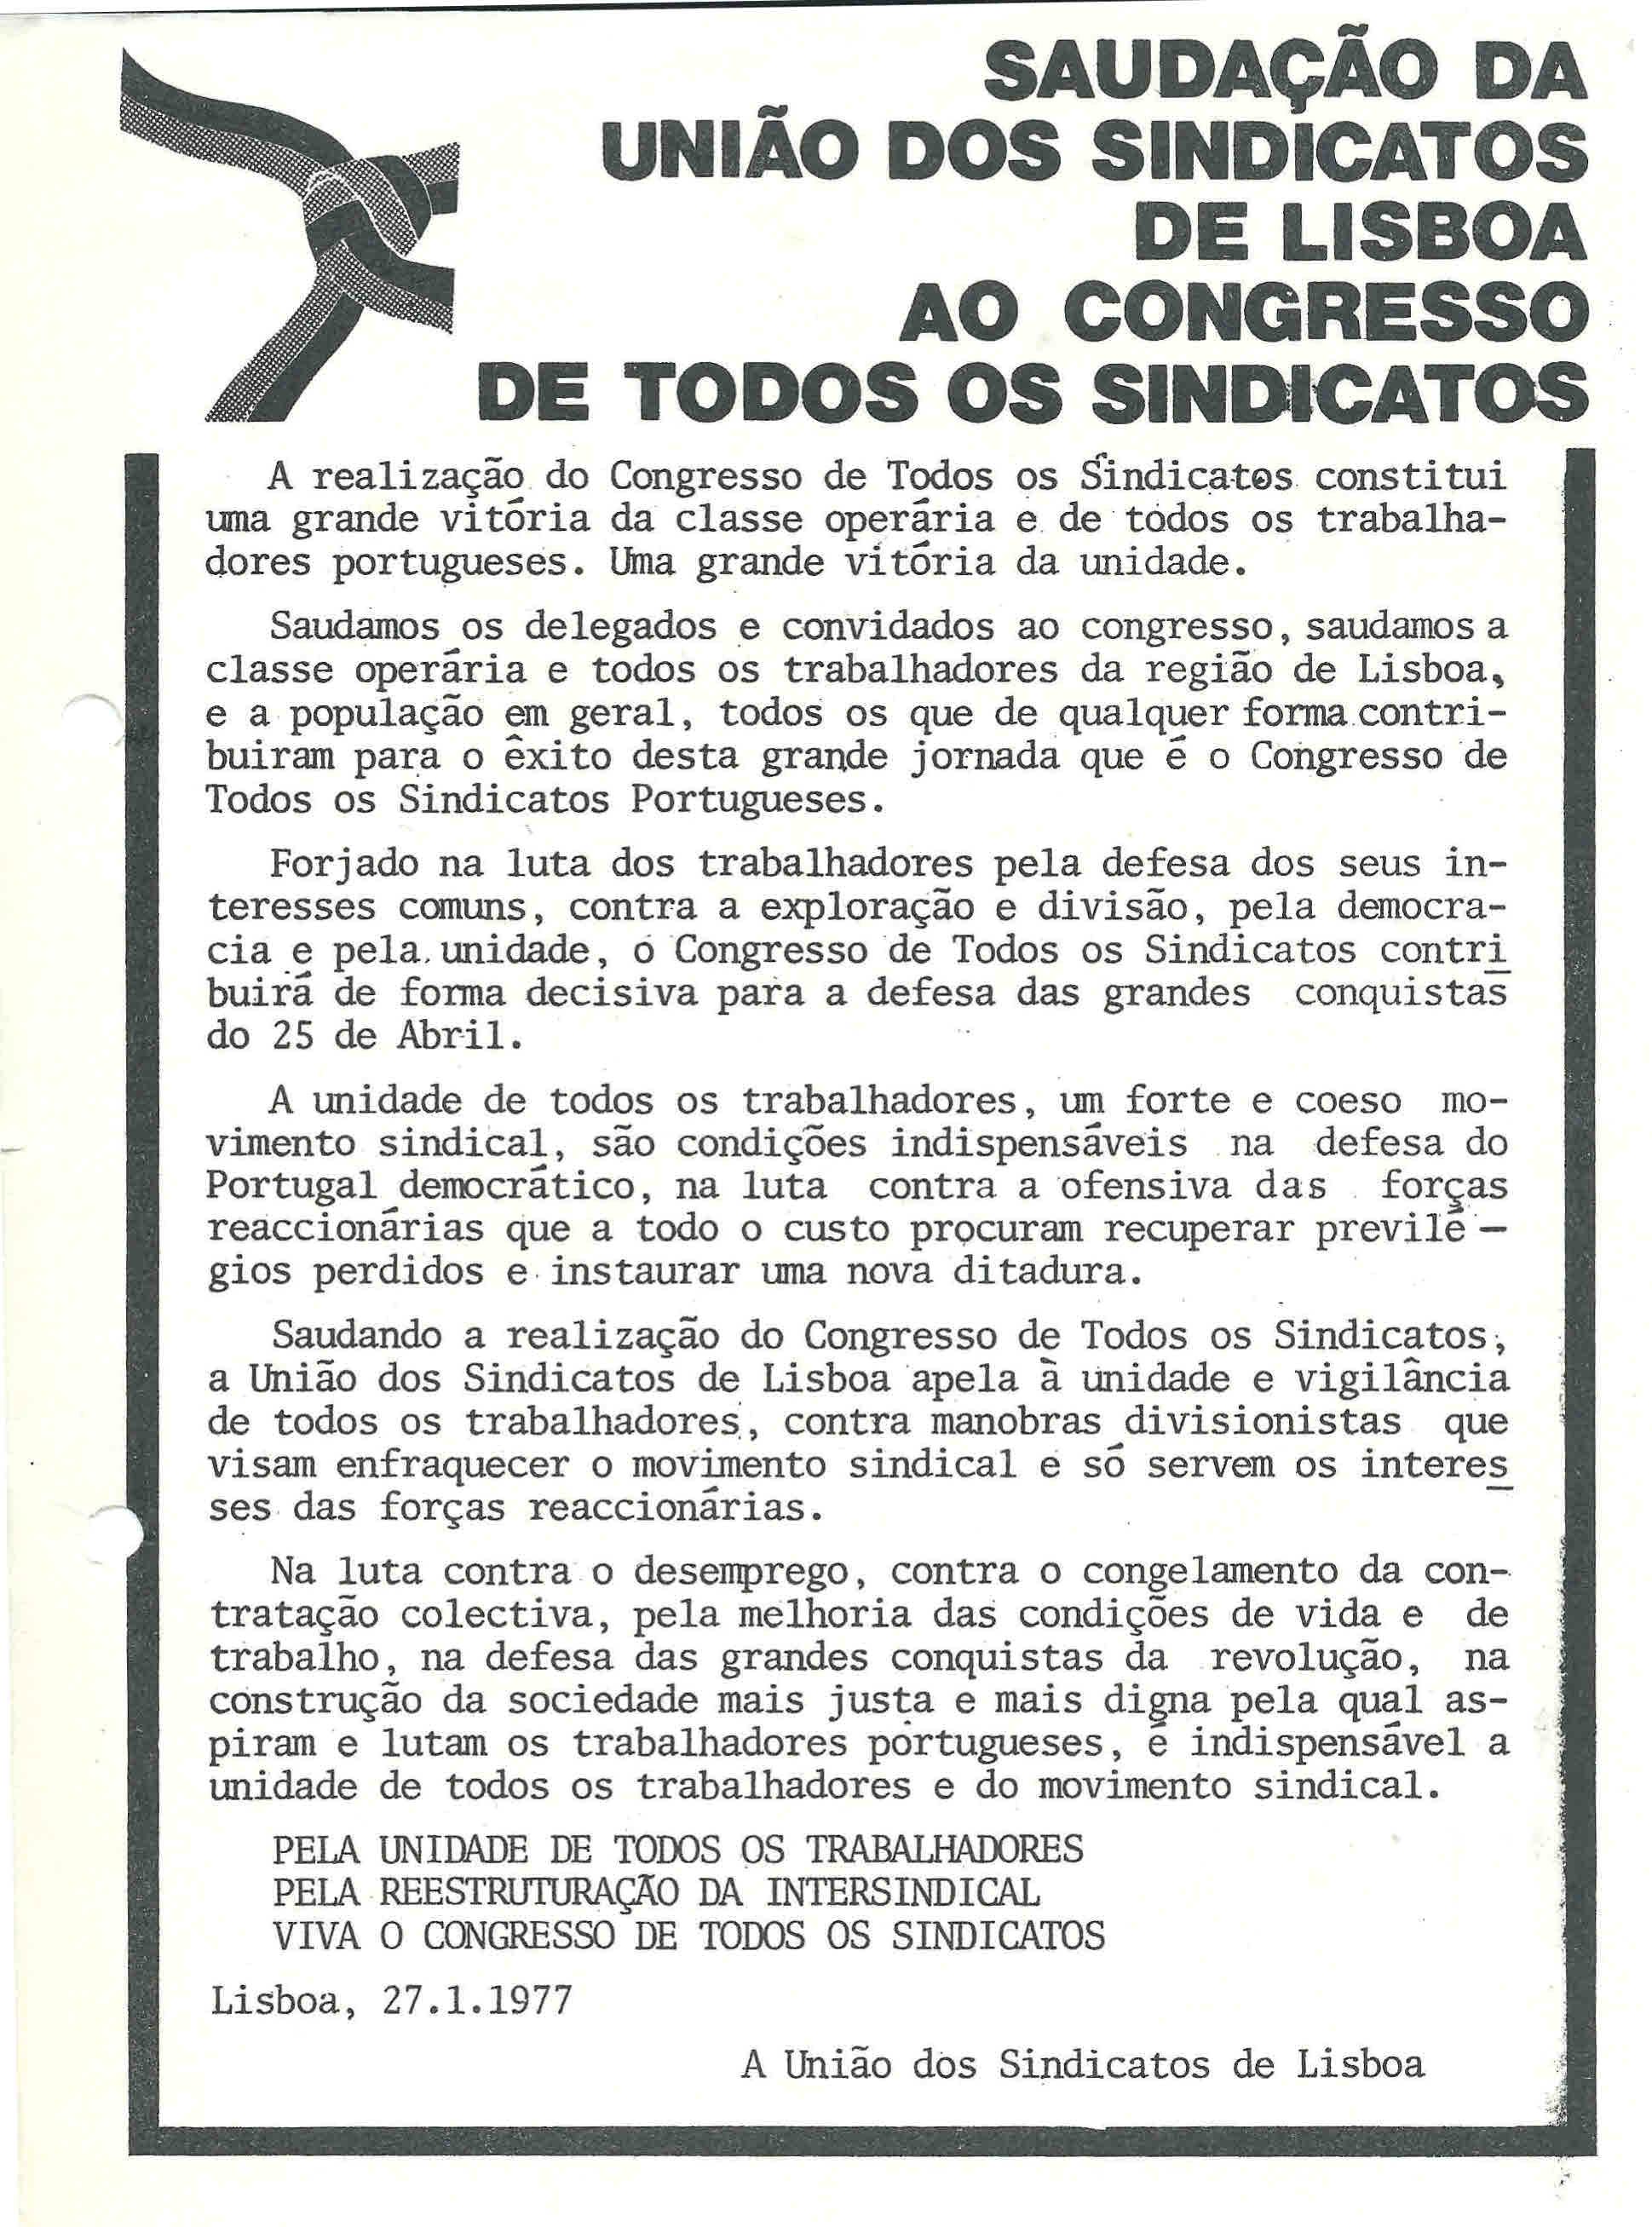 usl congresso de todos os sindicatos 1977